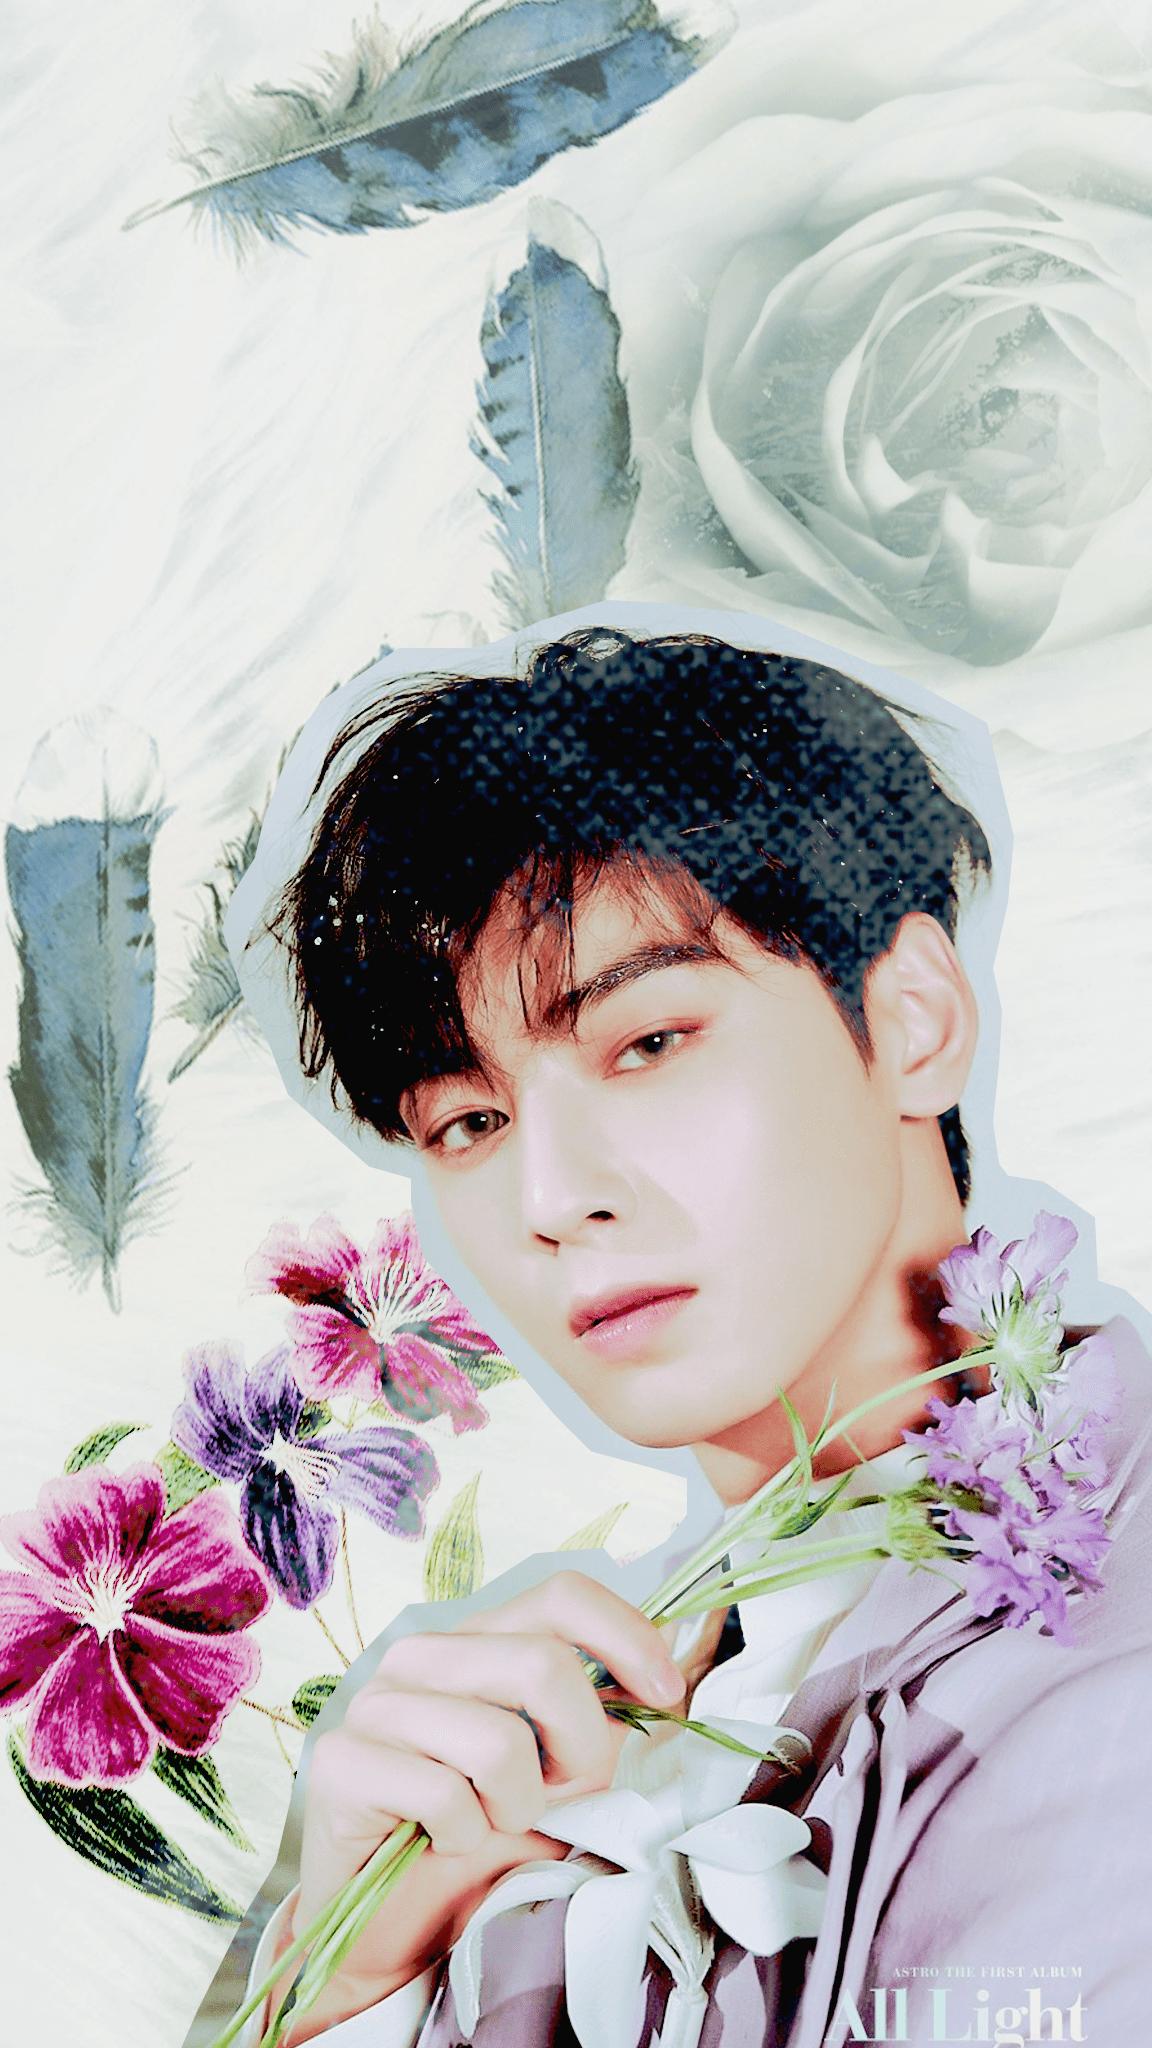 Cha Eun Woo Wallpapers Top Free Cha Eun Woo Backgrounds